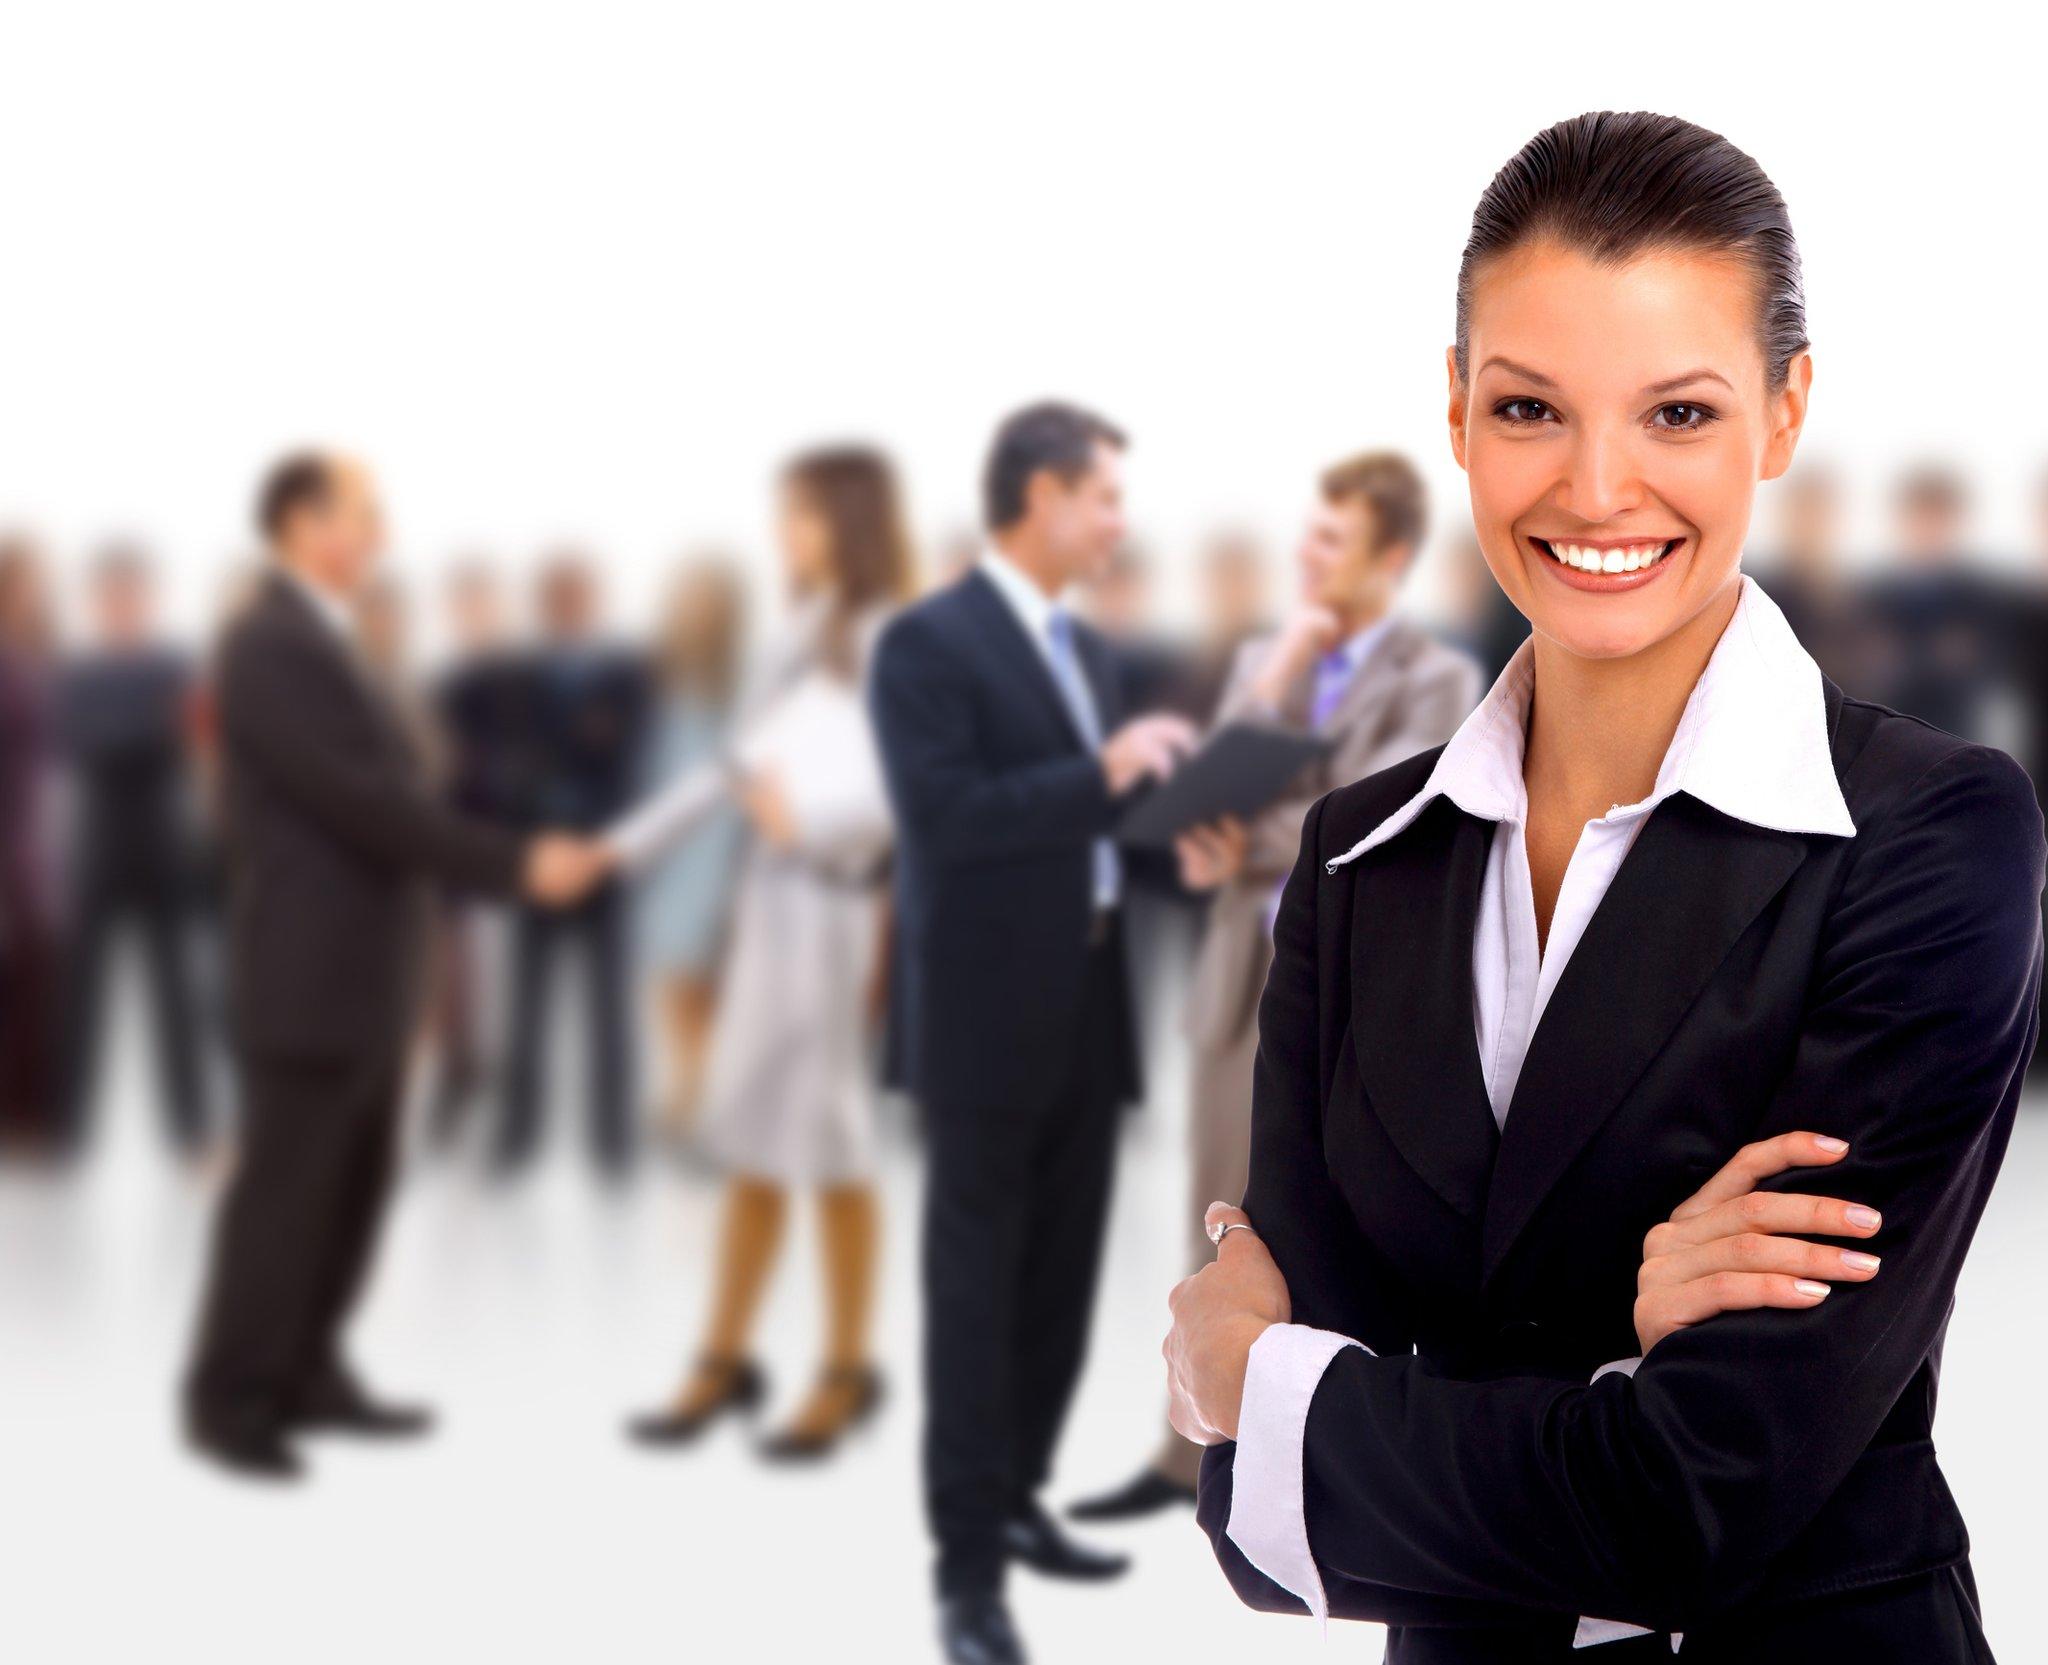 значение прически деловой женщины при поступлении на работу